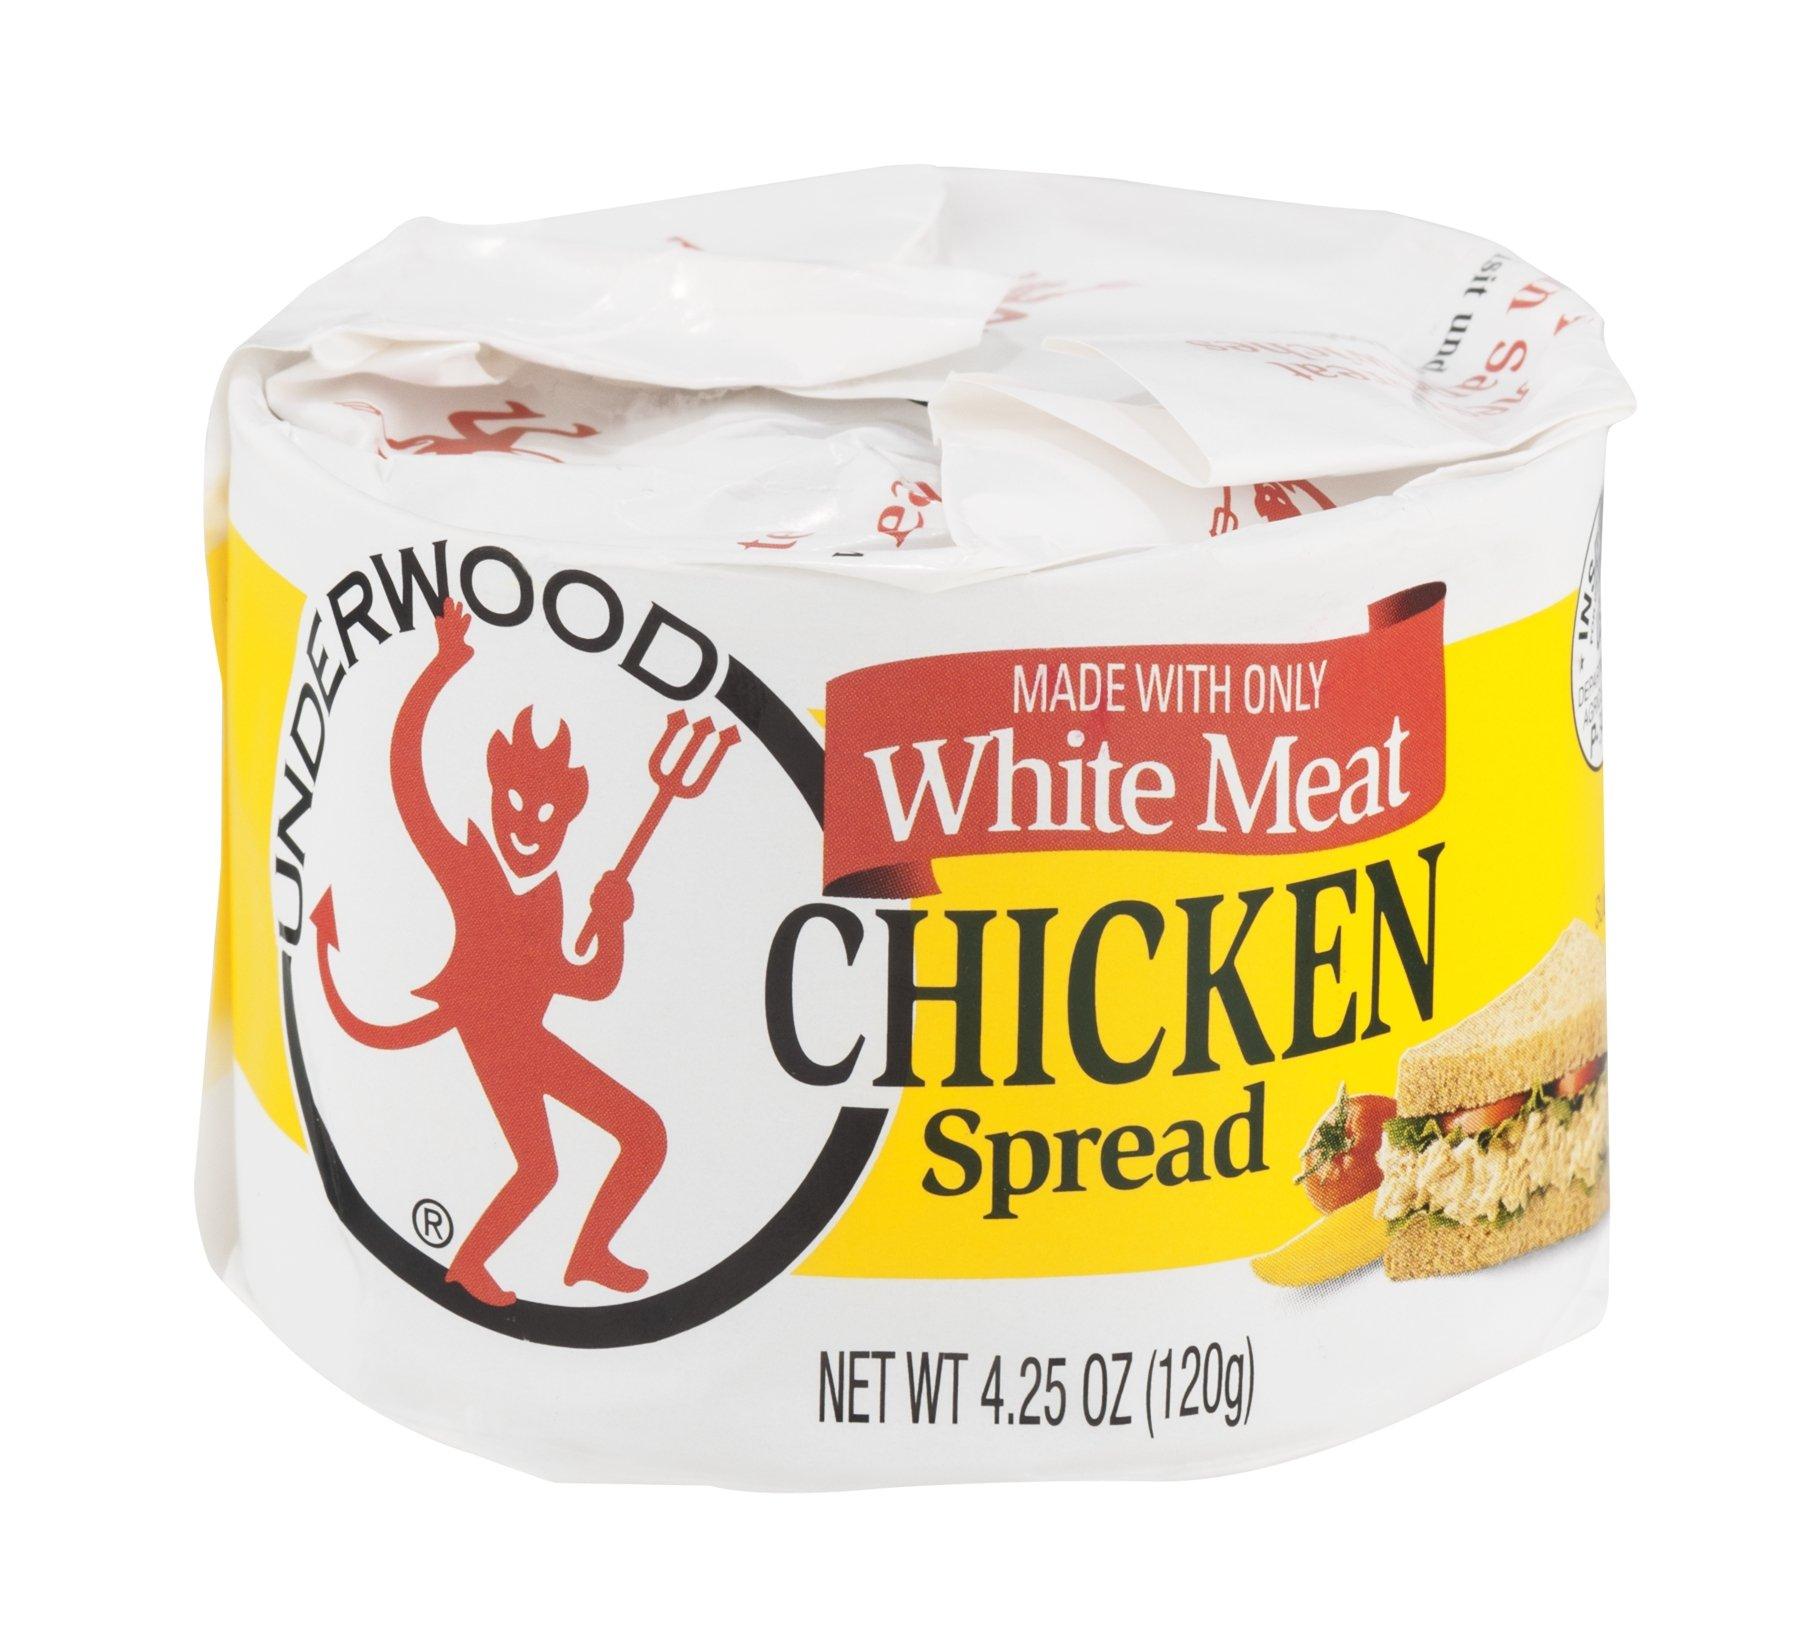 Underwood Chicken Spread 4.25 oz (Pack of 4)